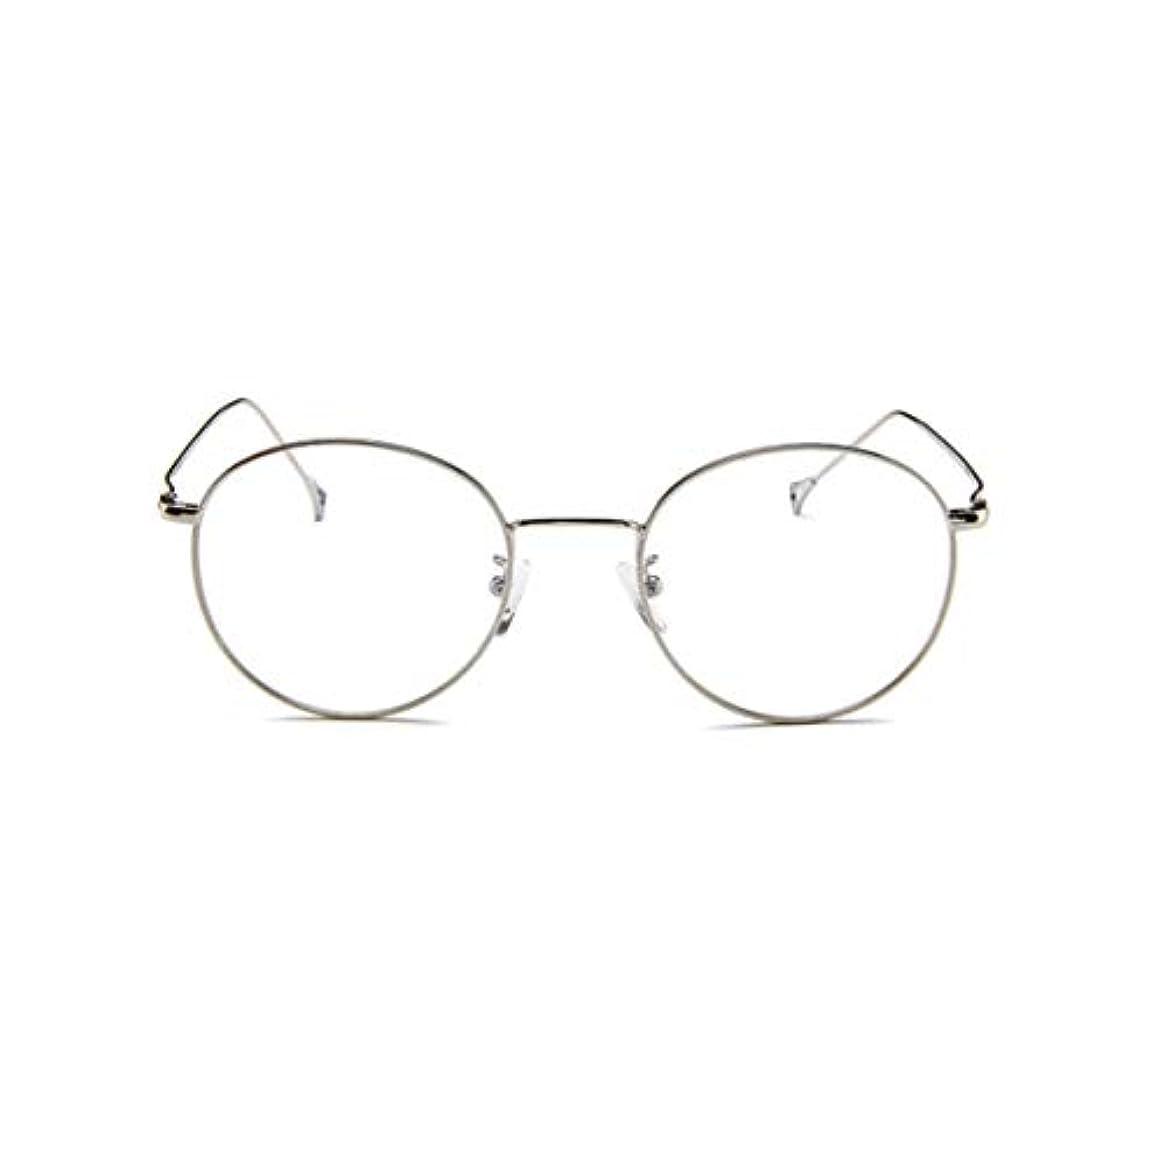 チャレンジイブウィンク韓国のメガネフレームの男性と女性のレトロフラットメガネメタルトレンディメガネファッション近視メガネフレーム-スライバー